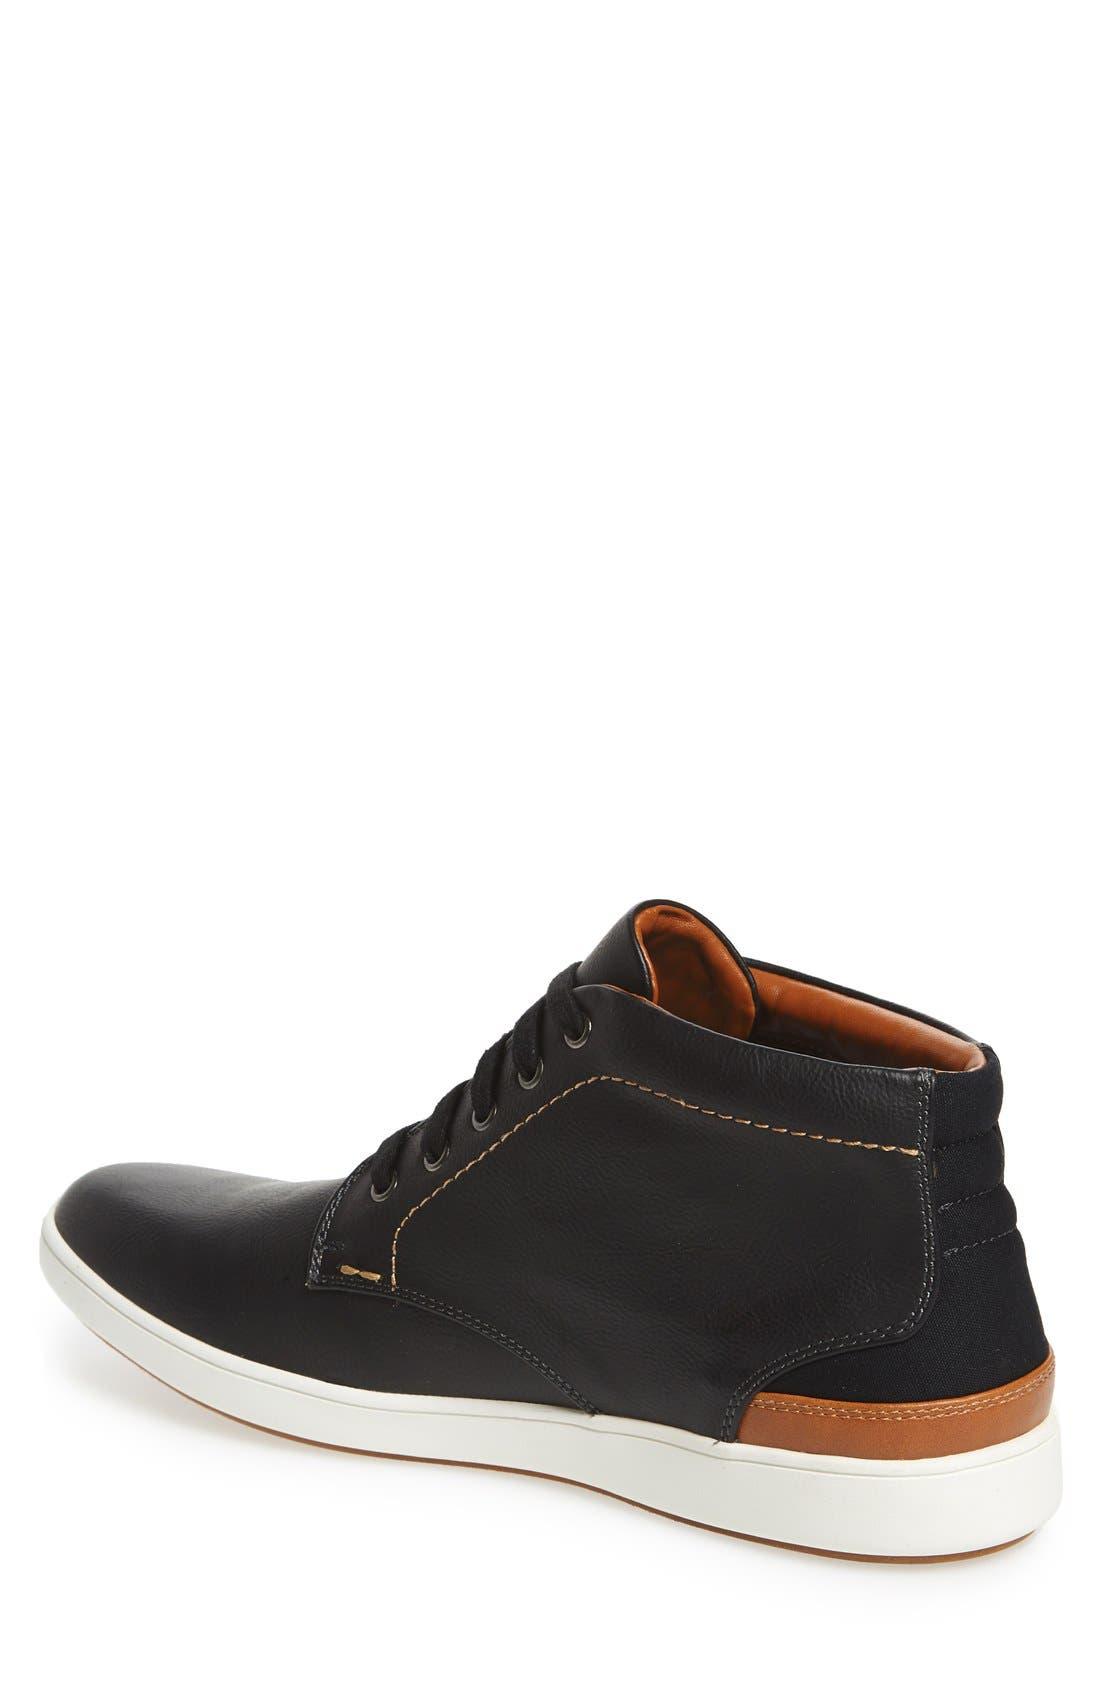 Freedomm Sneaker,                             Alternate thumbnail 2, color,                             017